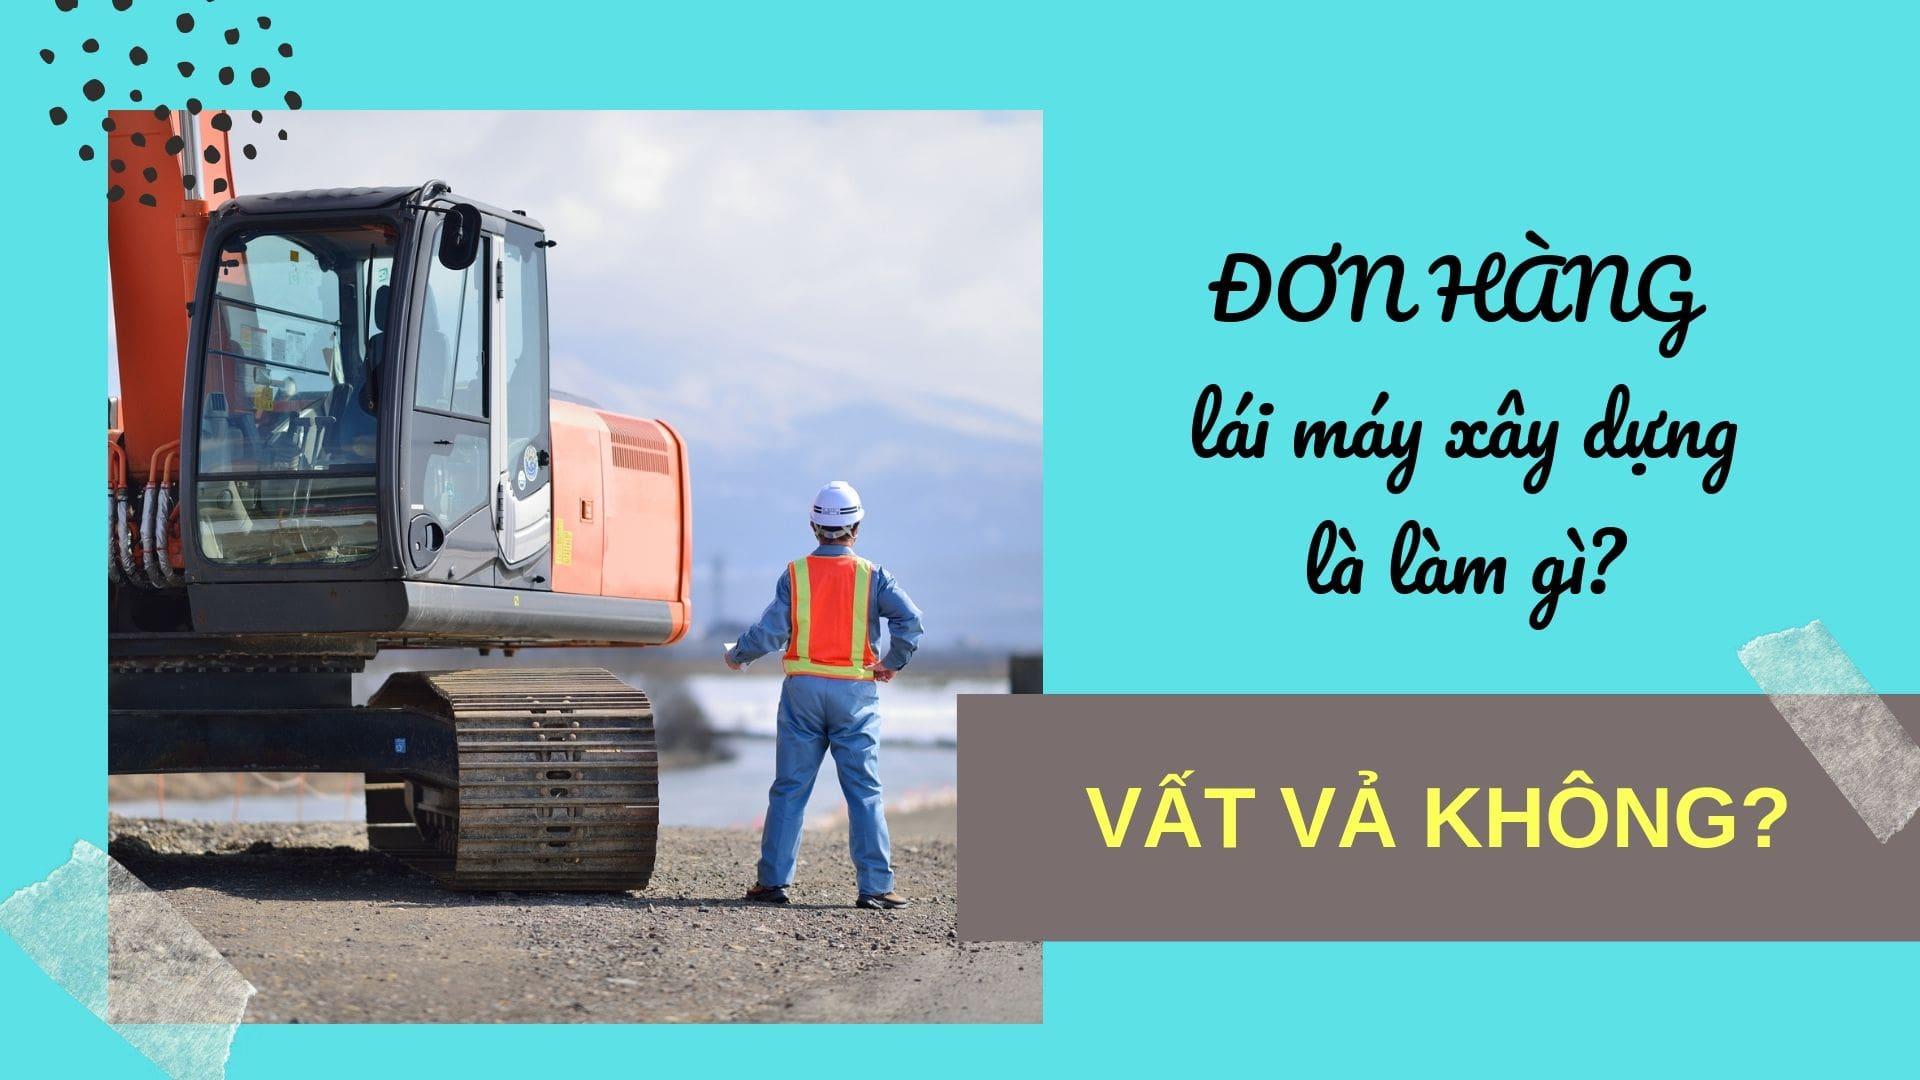 Đơn hàng lái máy xây dựng là làm gì? Mức lương có cao không?